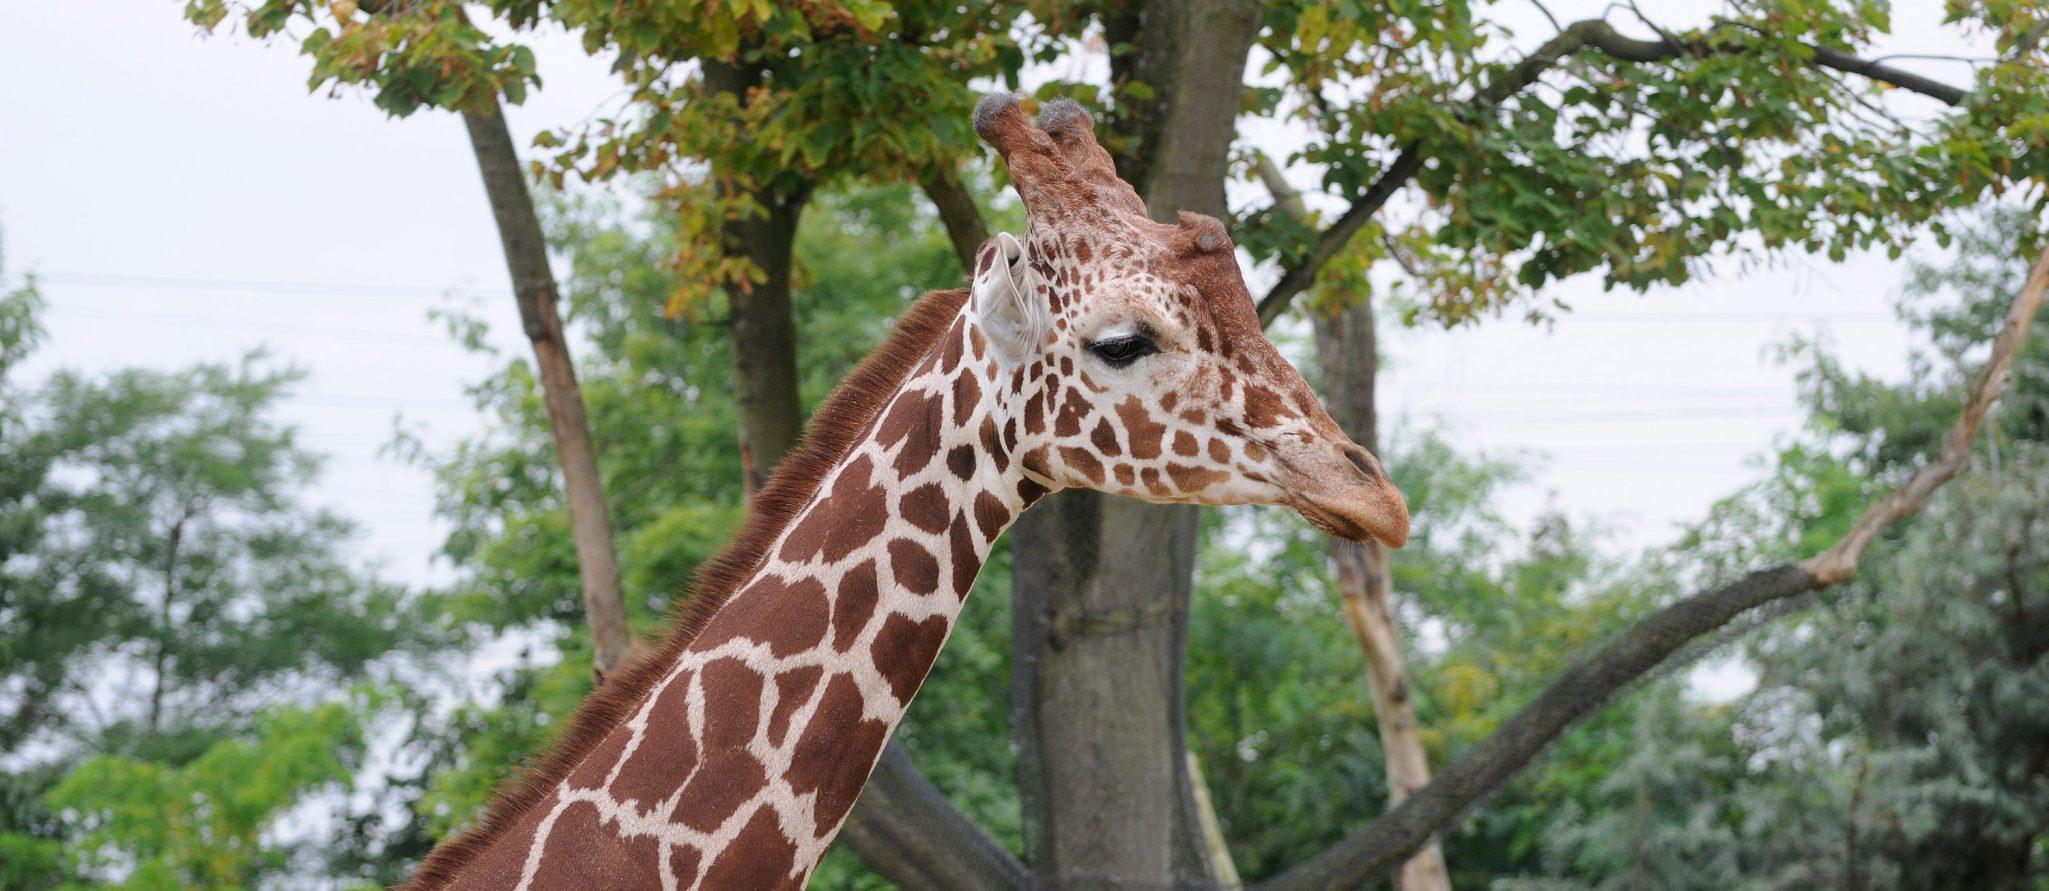 giraffehengst Banio kijkt uit over savanne in Blijdorp